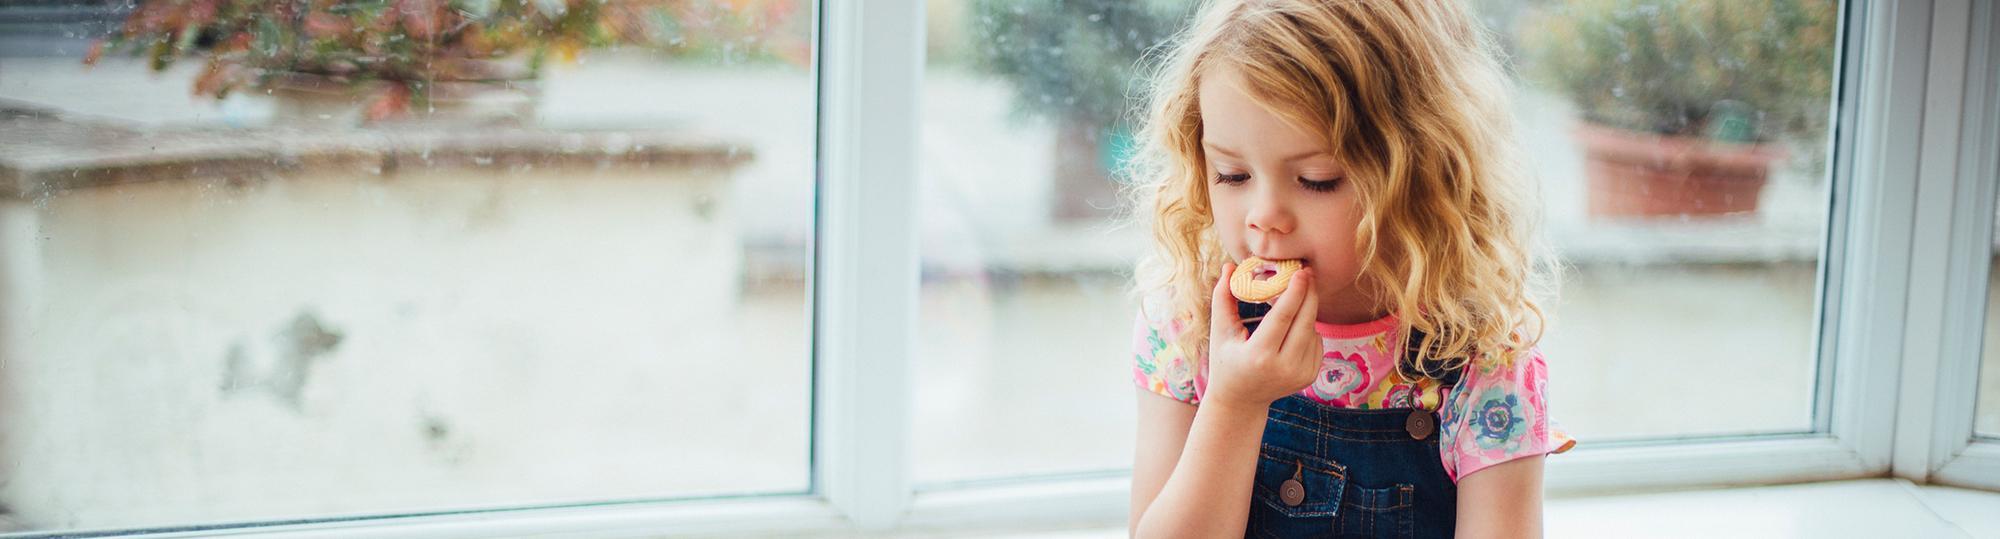 cheryl's deal hero girl eating cookie